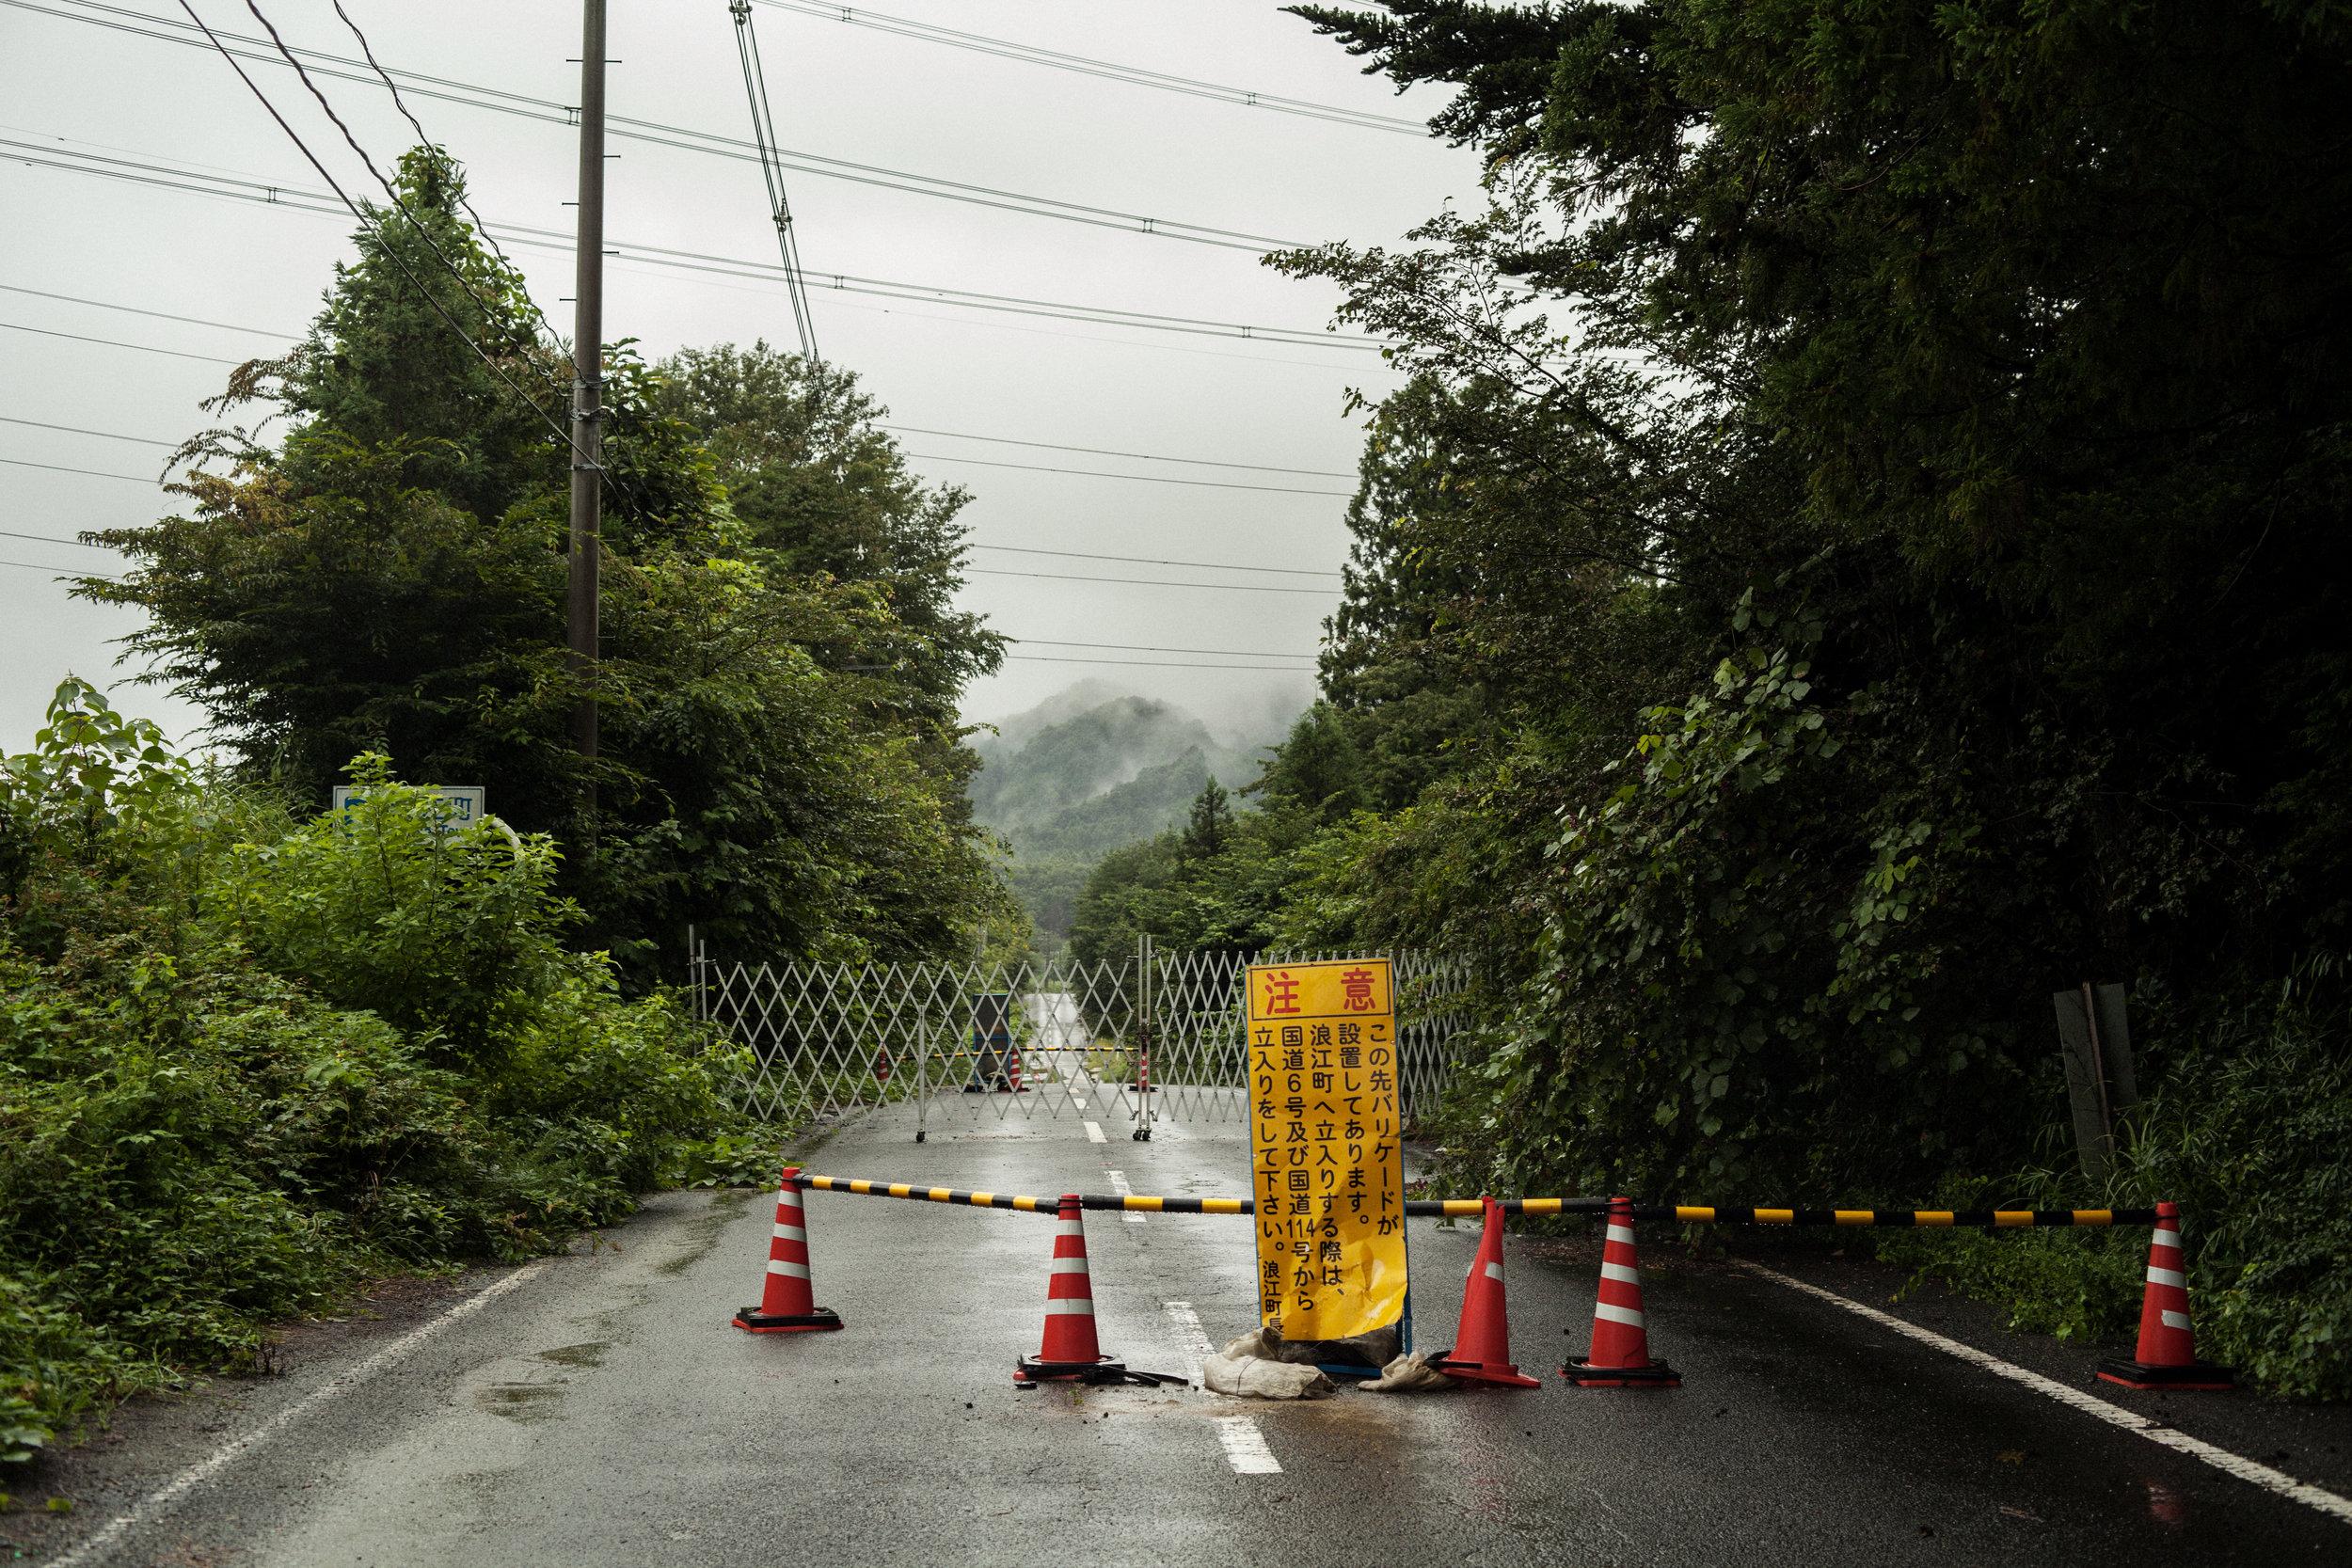 たびたびの 事故隠したる 原発を 想定外と 吾は認めぬtime and againcoverupsof the nuclear accidentsI shall not acceptthat this was unimaginable - 遠藤 幸子 (福島県 2011年5月)Yukiko Endo, Fukushima May 2011